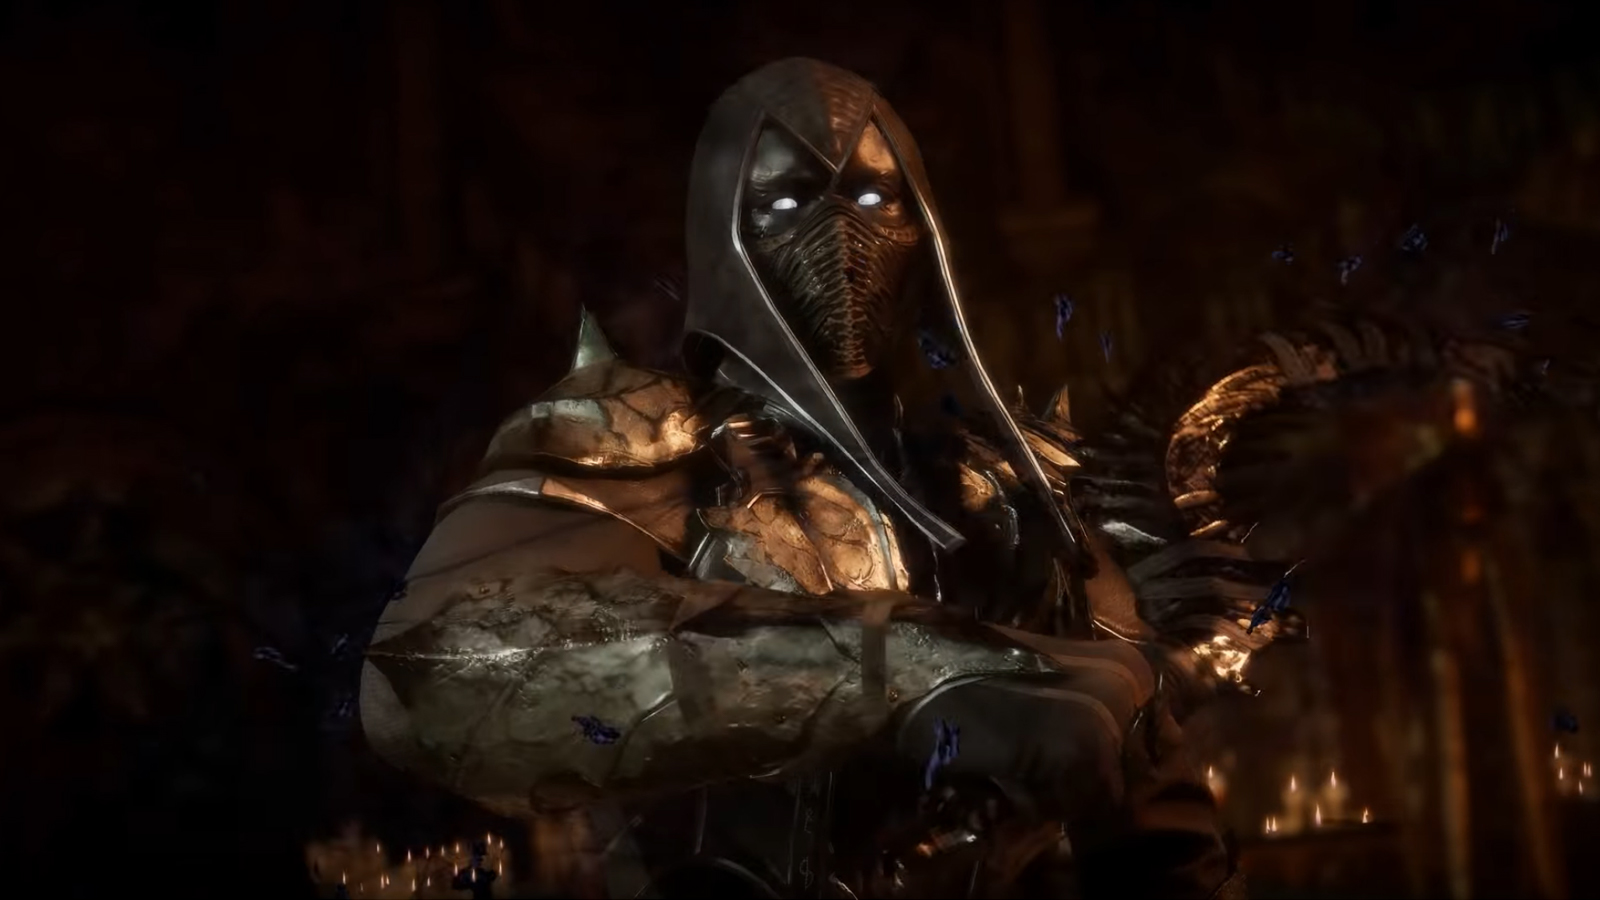 Mortal Kombat 11 Noob Saibot